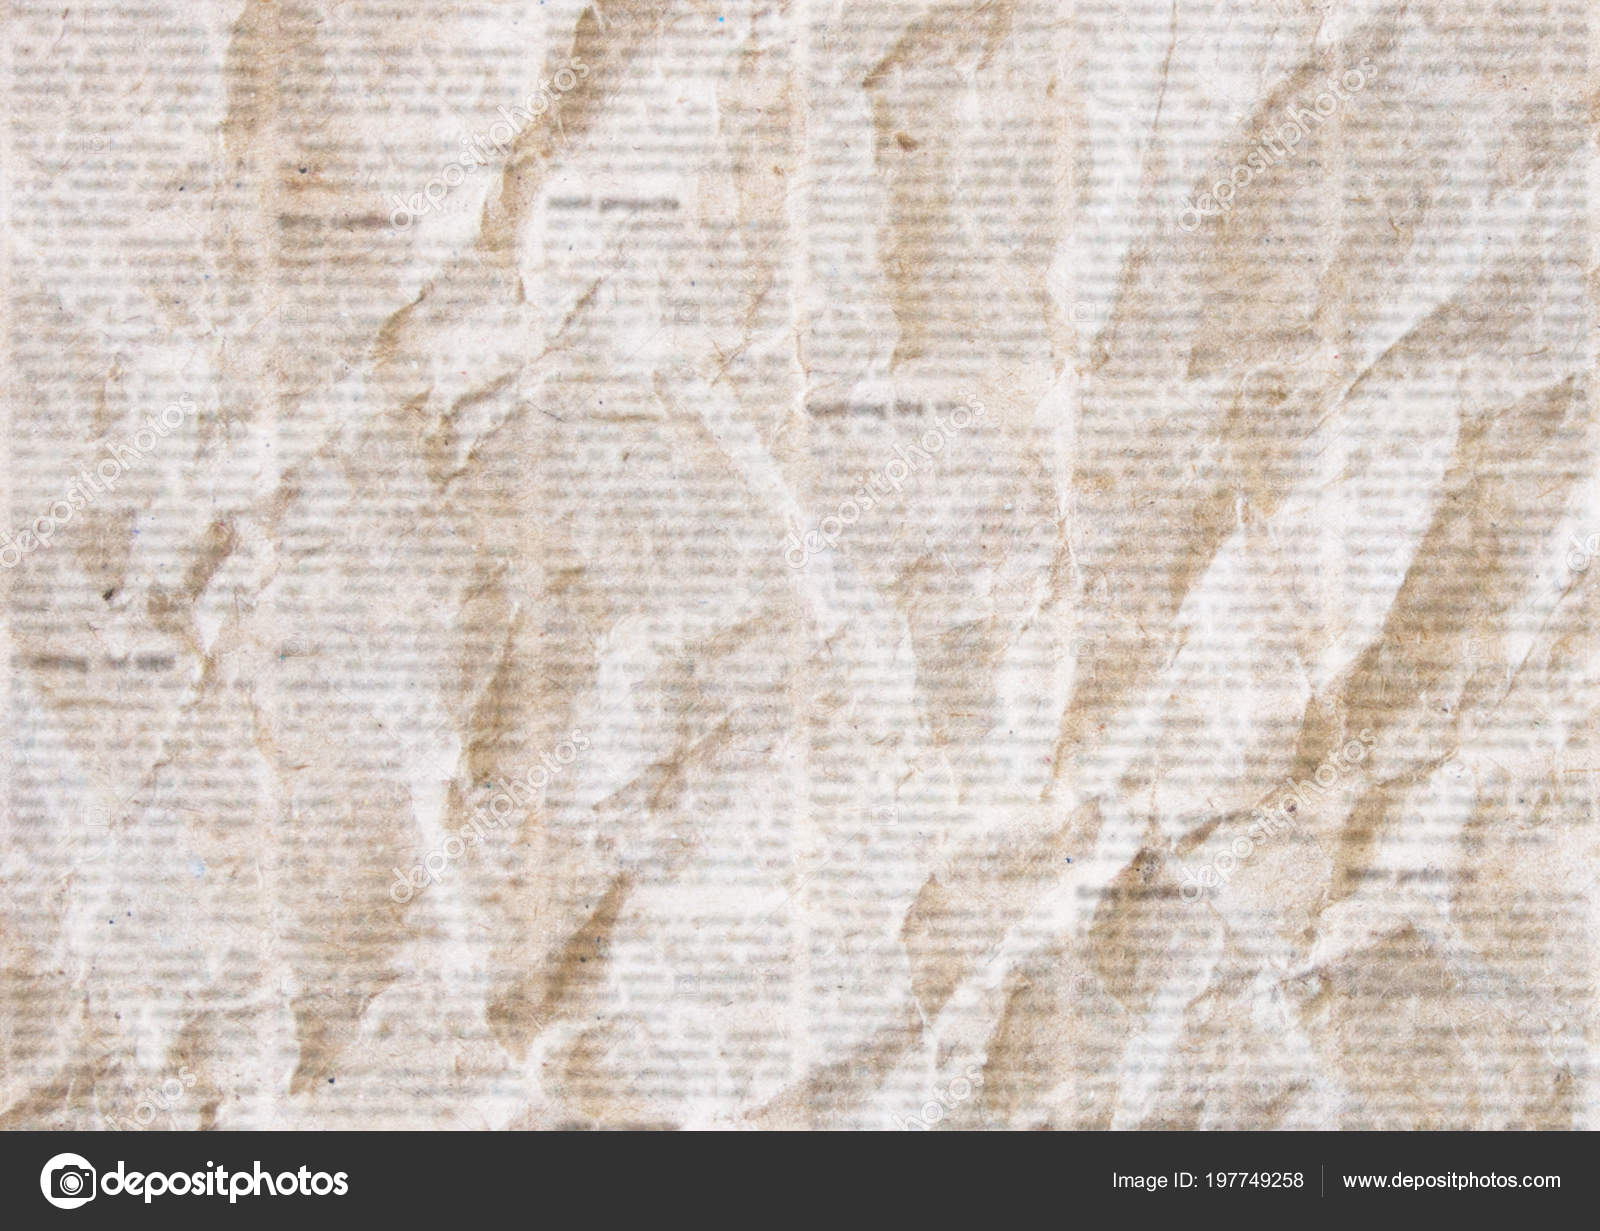 Fondo Papel De Diario Viejo Habían Arrugado Fondo Textura Grunge